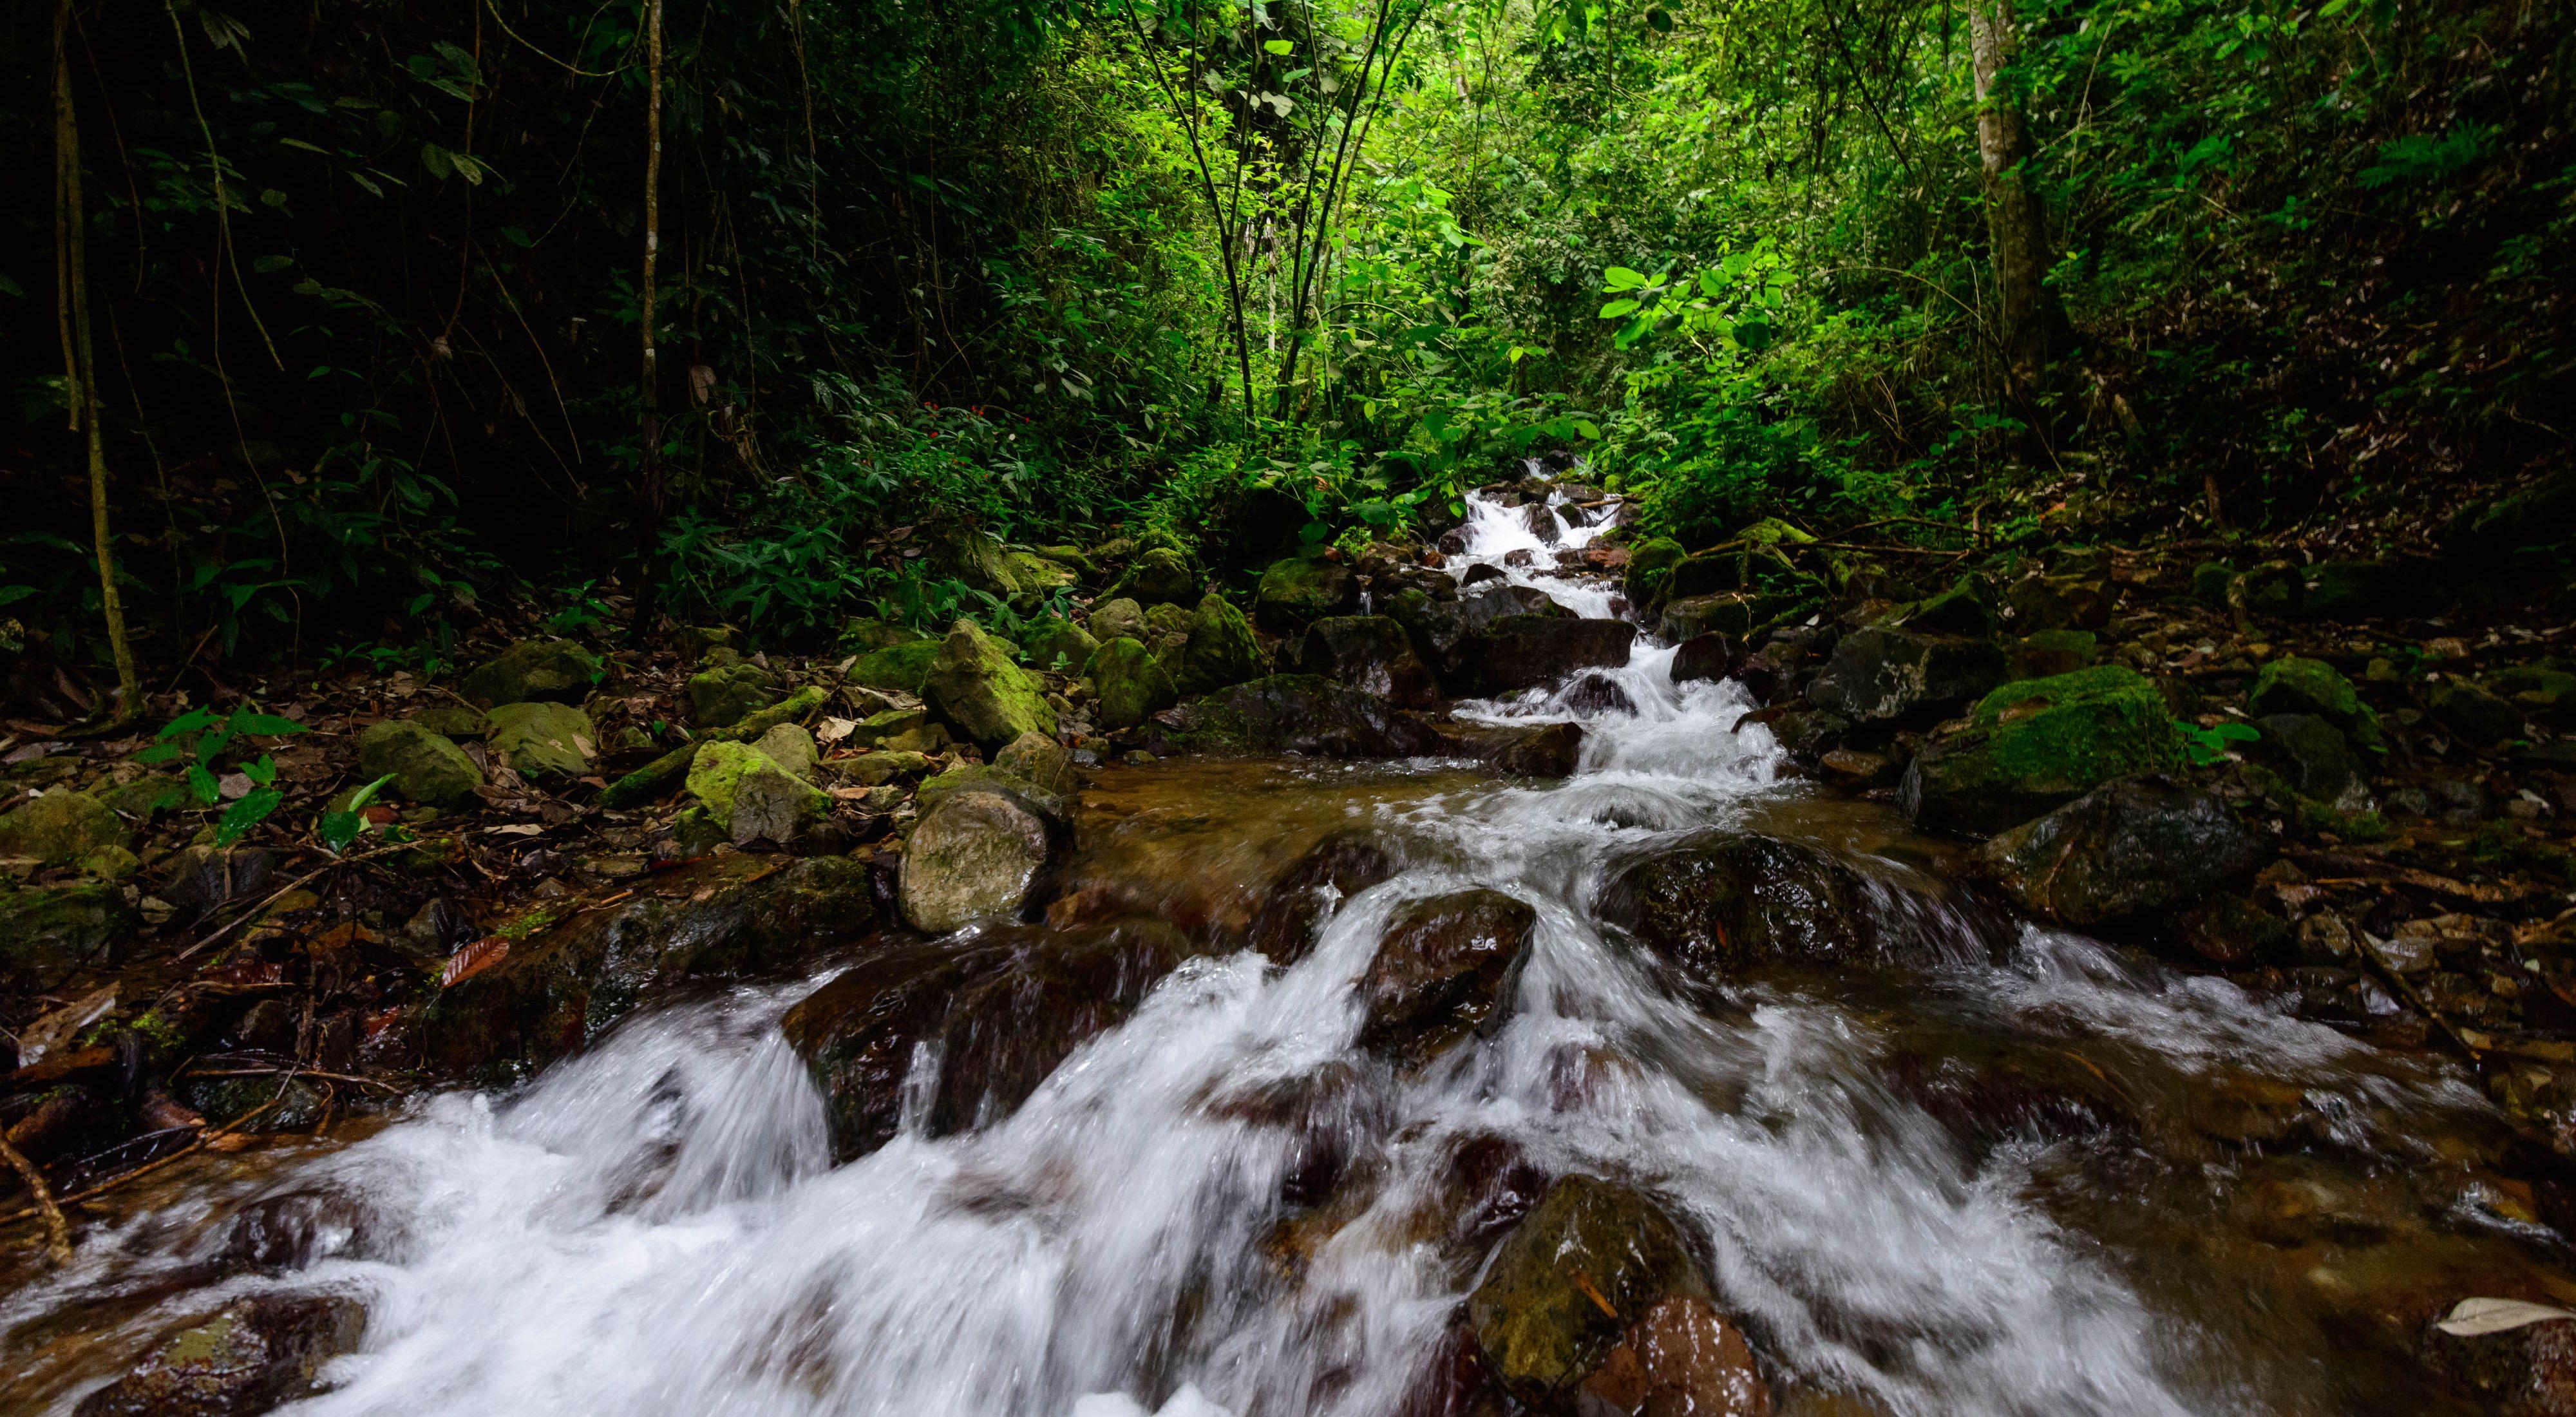 Colombia, Valle del Cauca, Municipio de Pradera, quebrada agua clara en la via a la vereda el arenillo